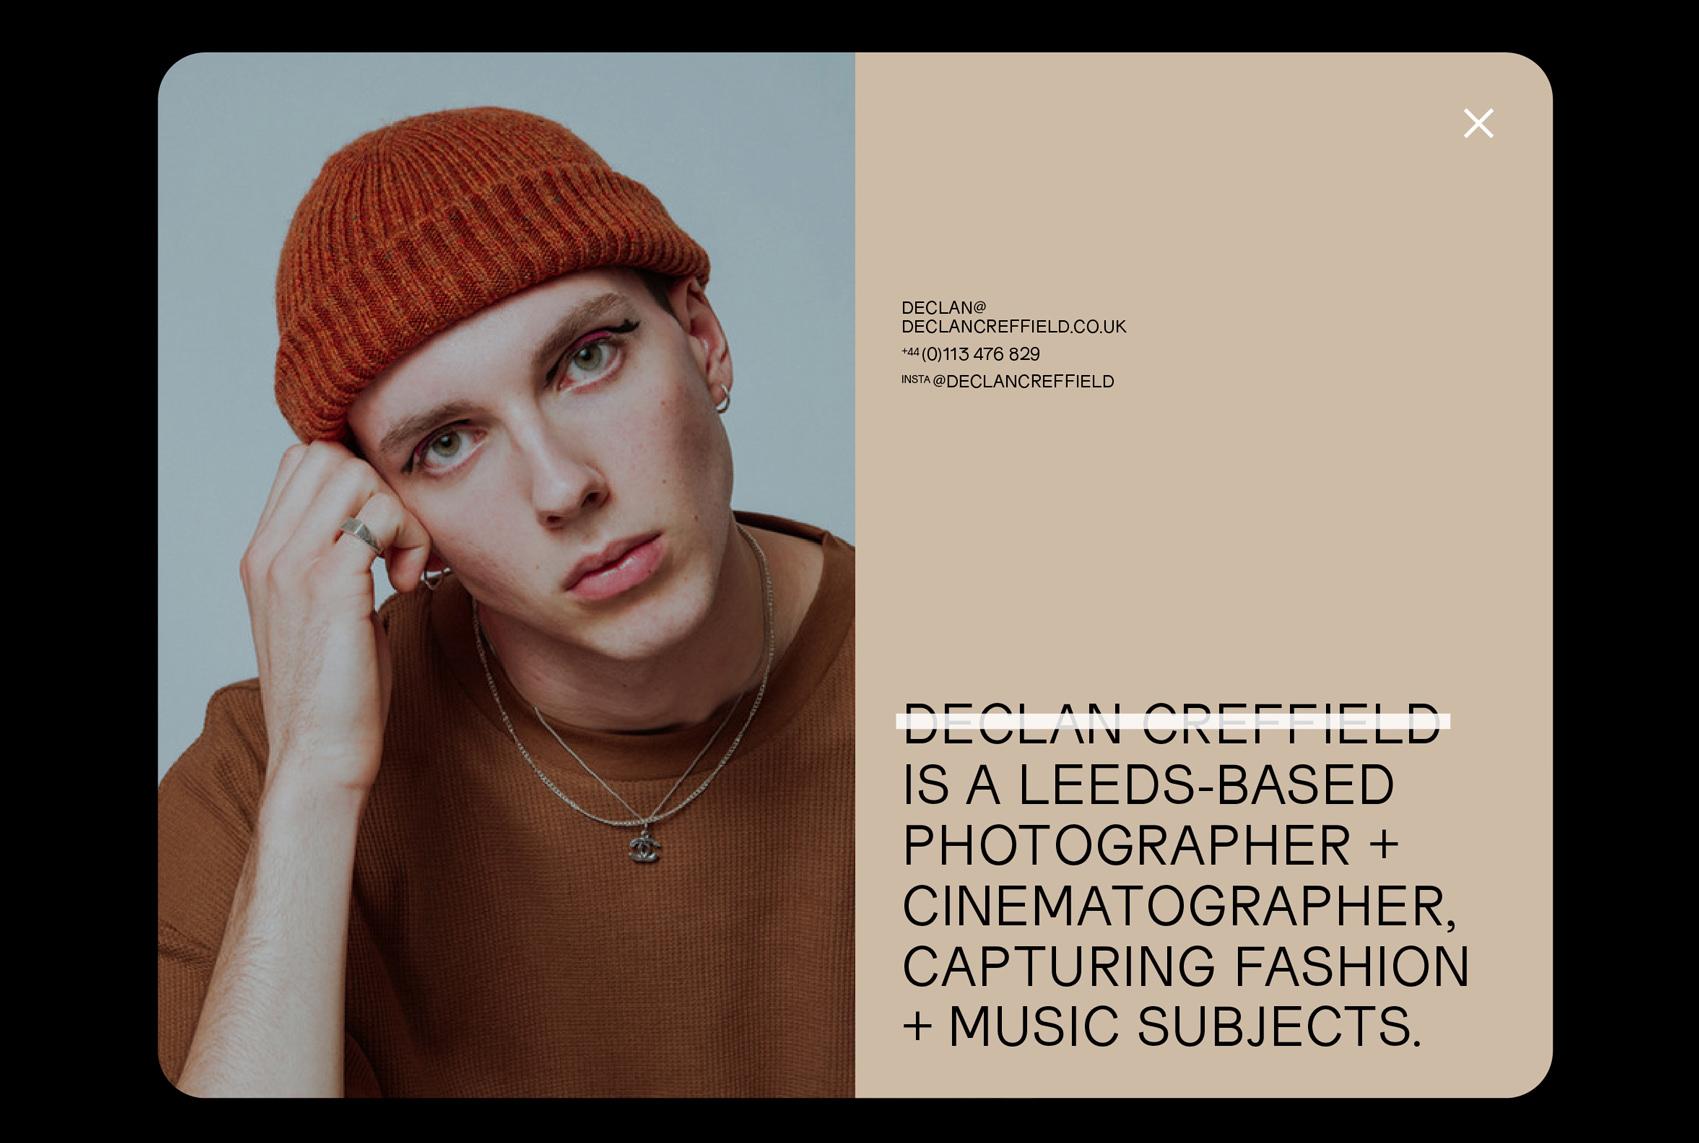 Declan Creffield website 2